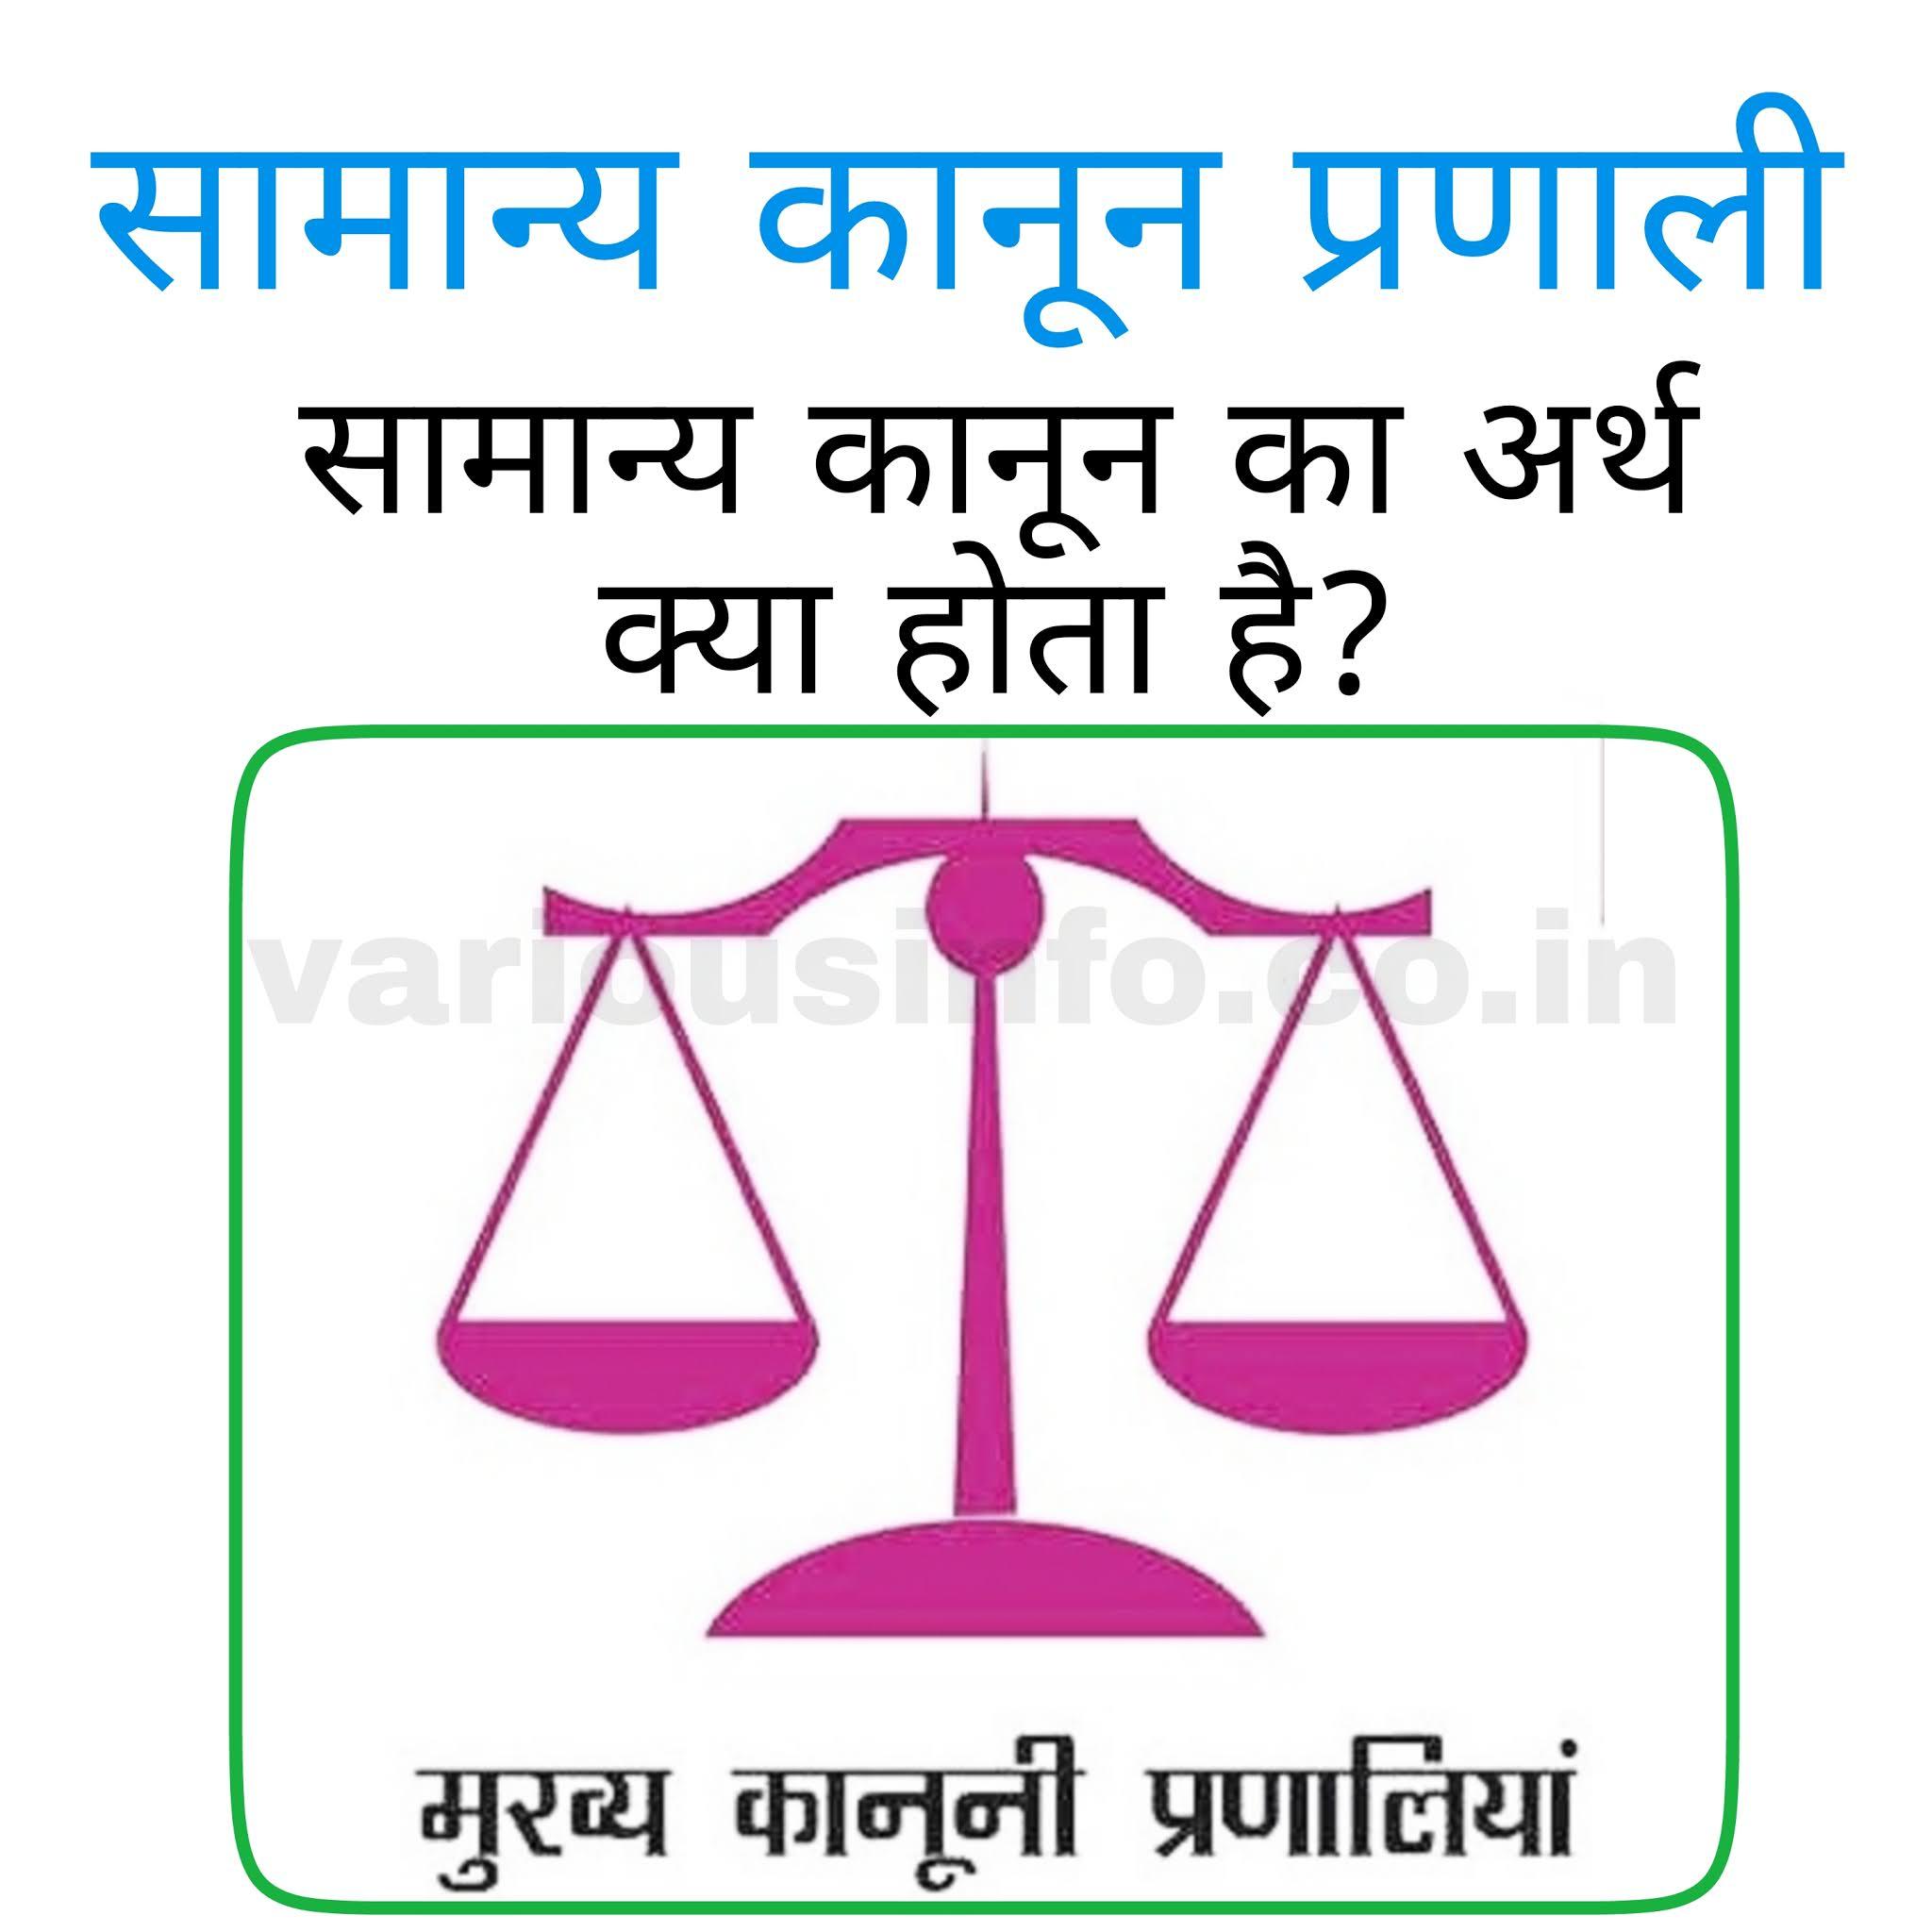 सामान्य कानून प्रणाली क्या हैं ? सामान्य कानून ' का अर्थ क्या होता है? [ What is common law system ]